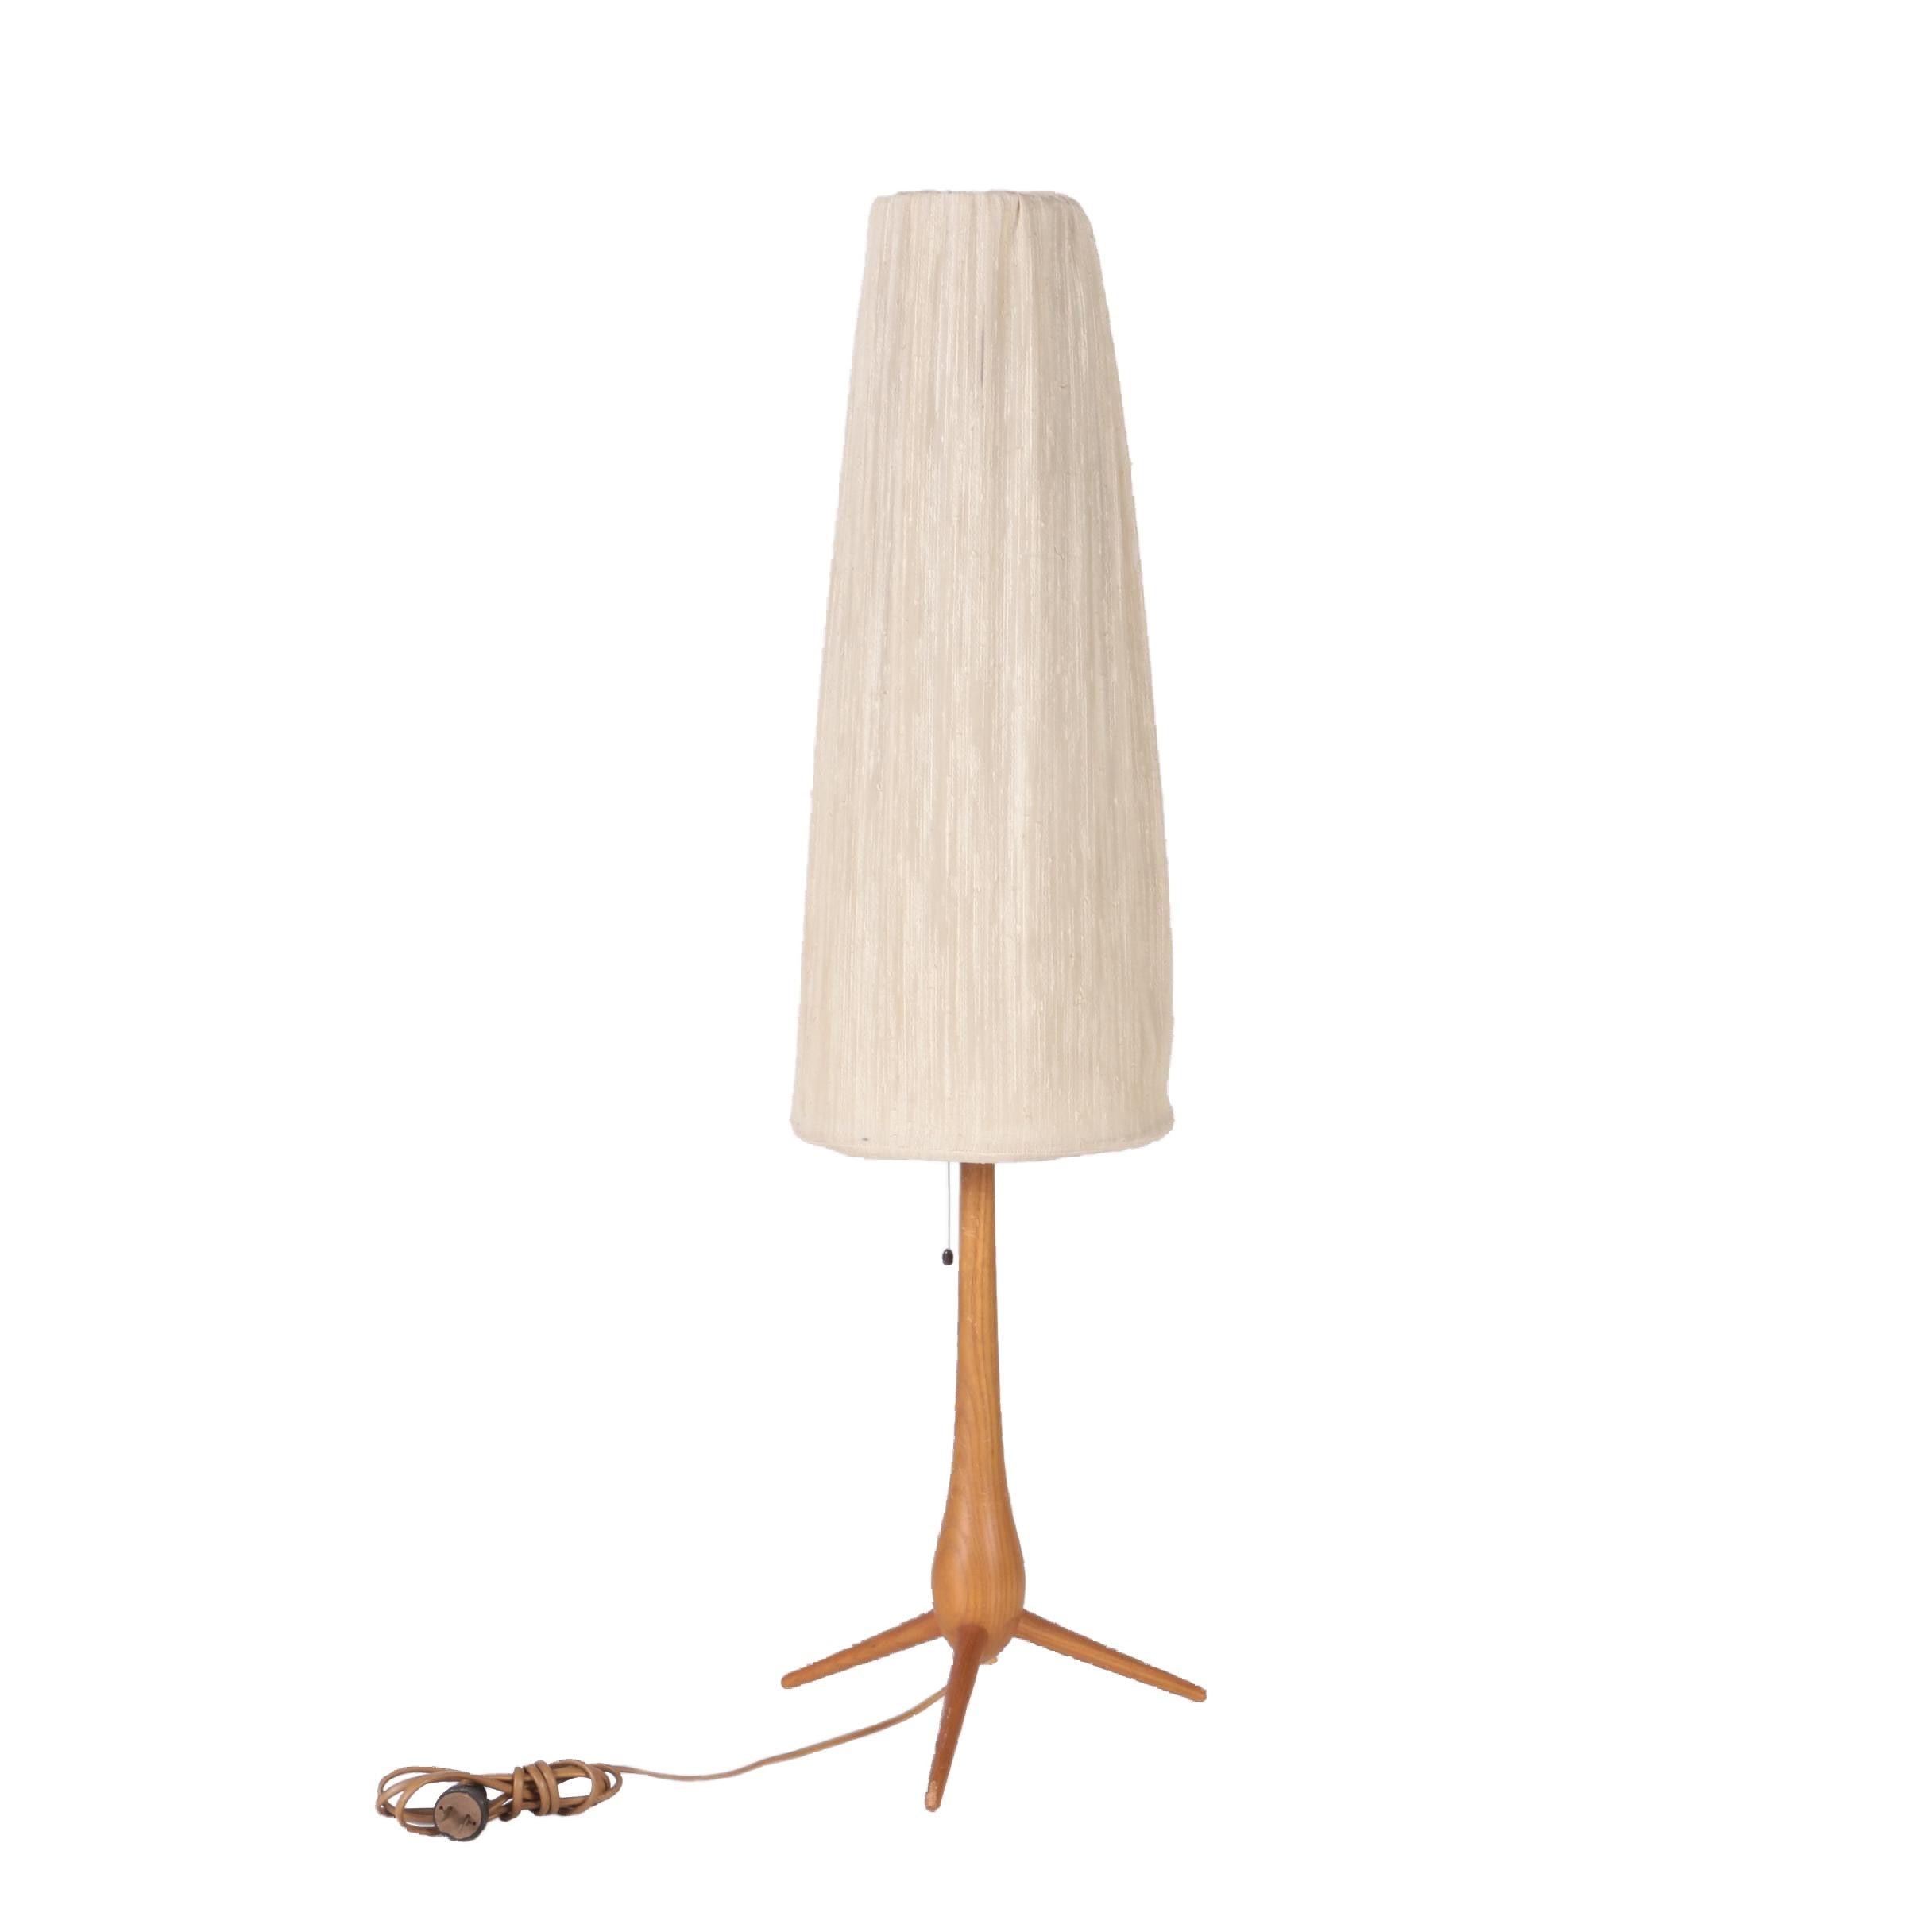 Le Klint Danish Modern Teak Table Lamp